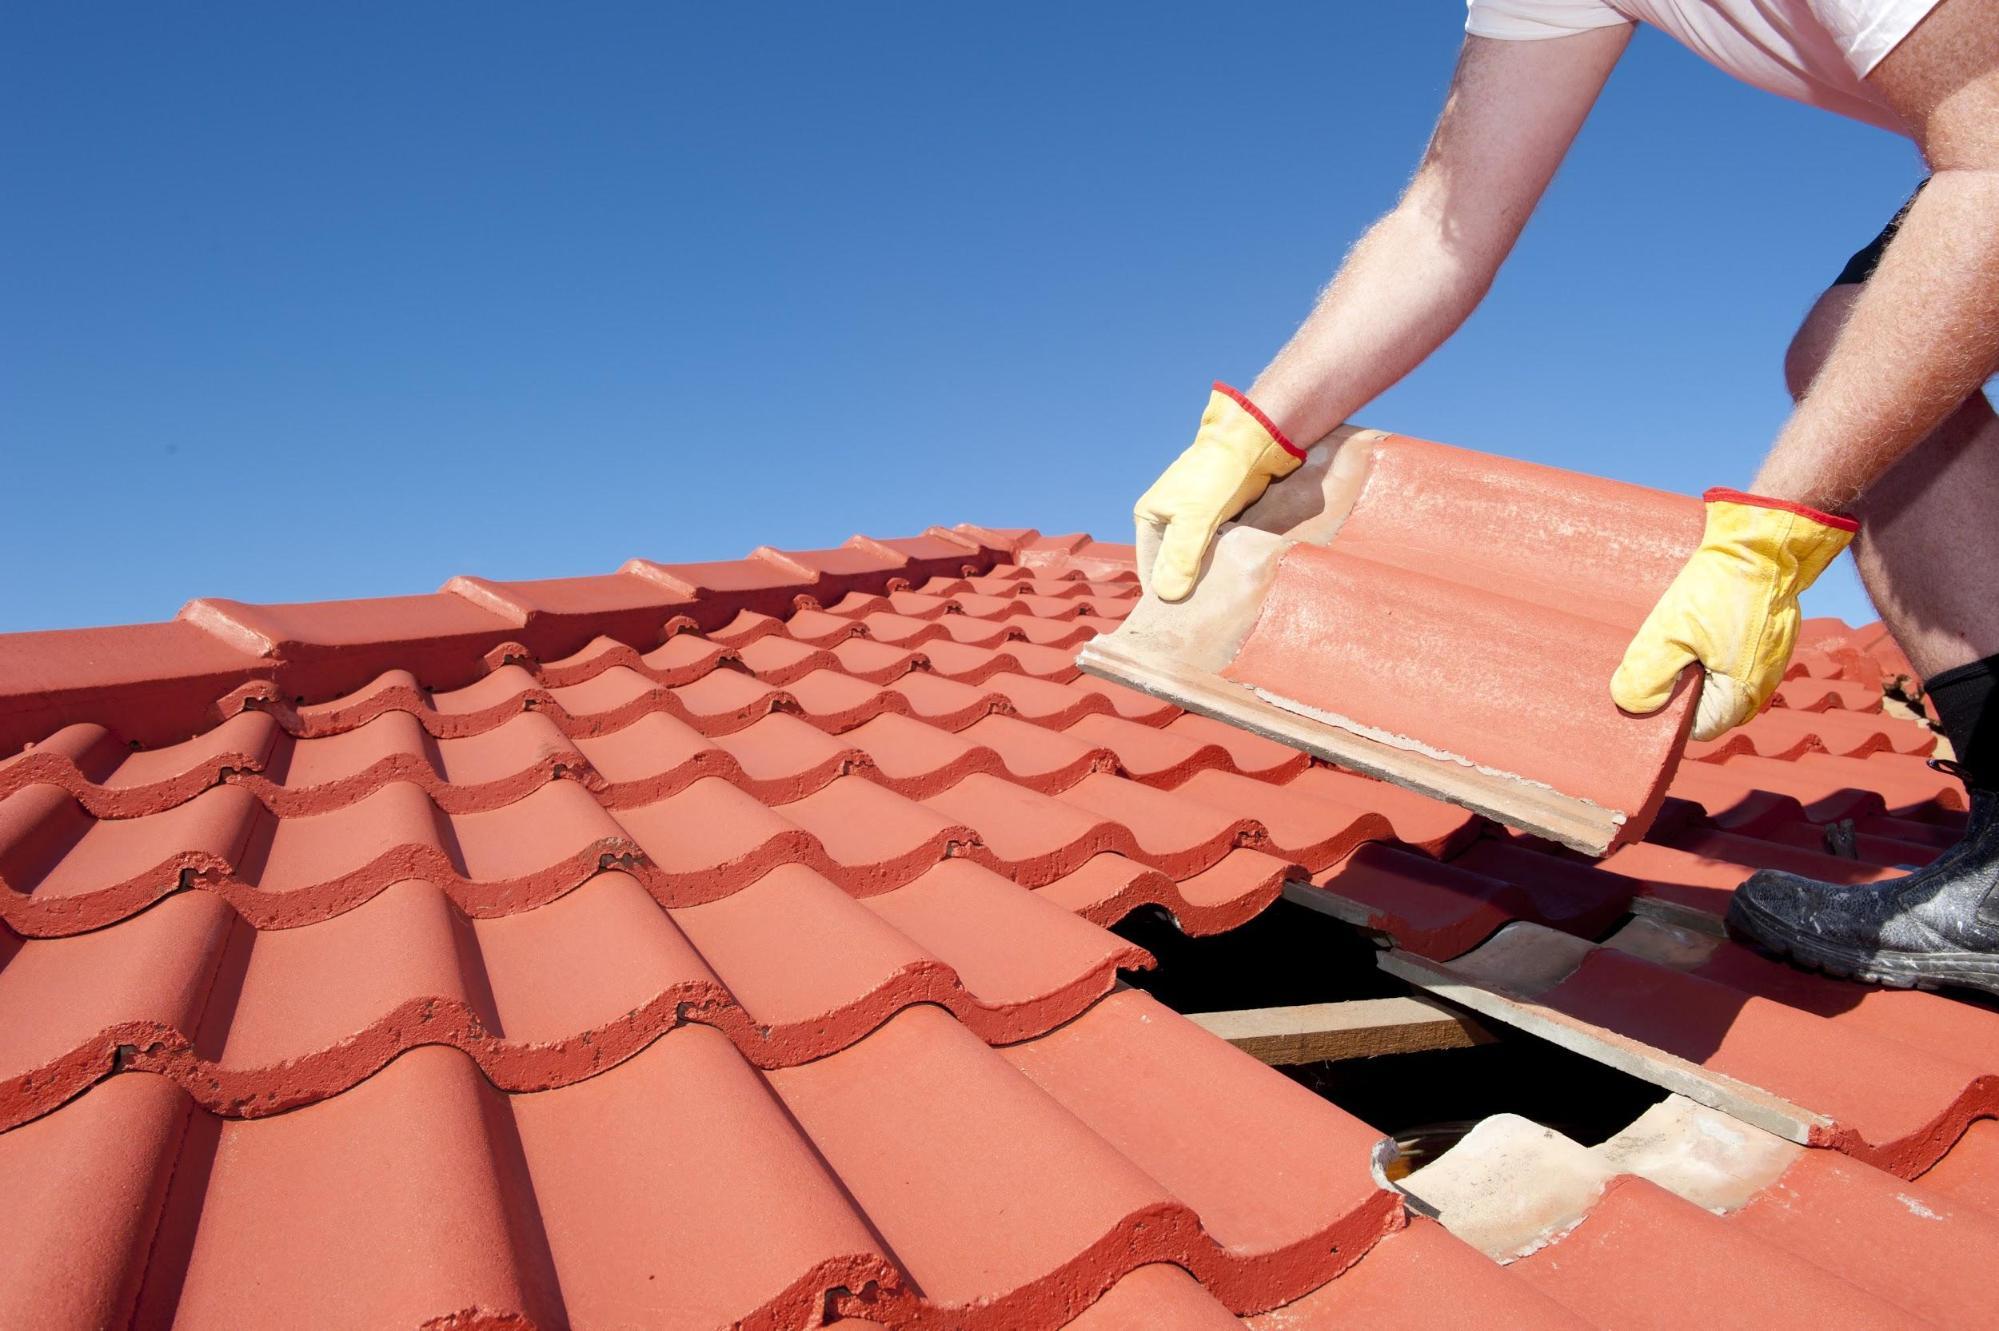 屋根修理の方法と塗装メンテナンスの費用について